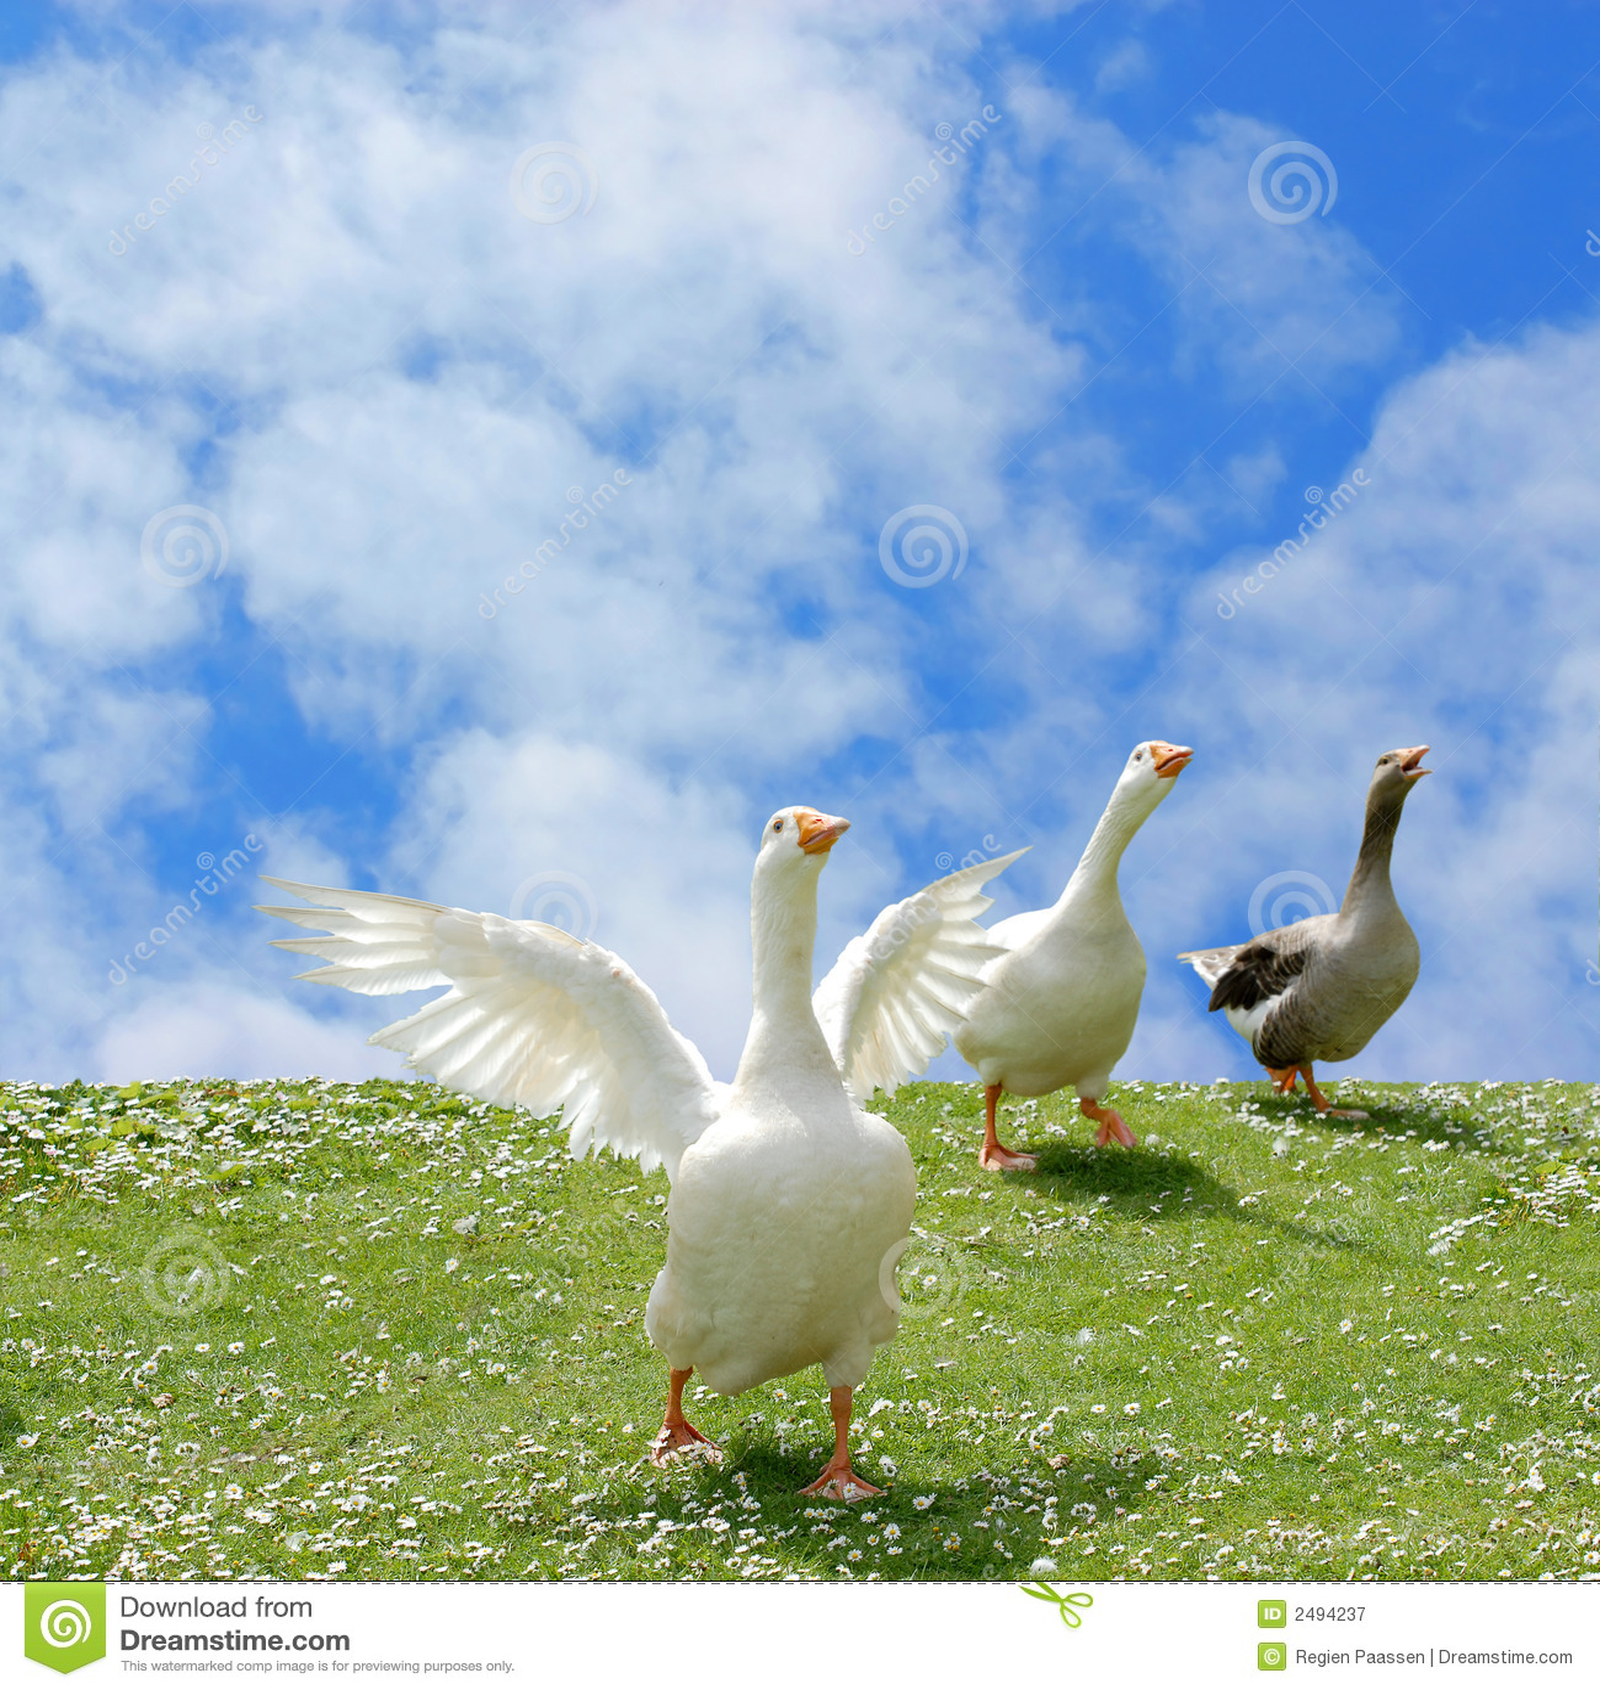 wild goose chase stock image image of daisy animals 2494237